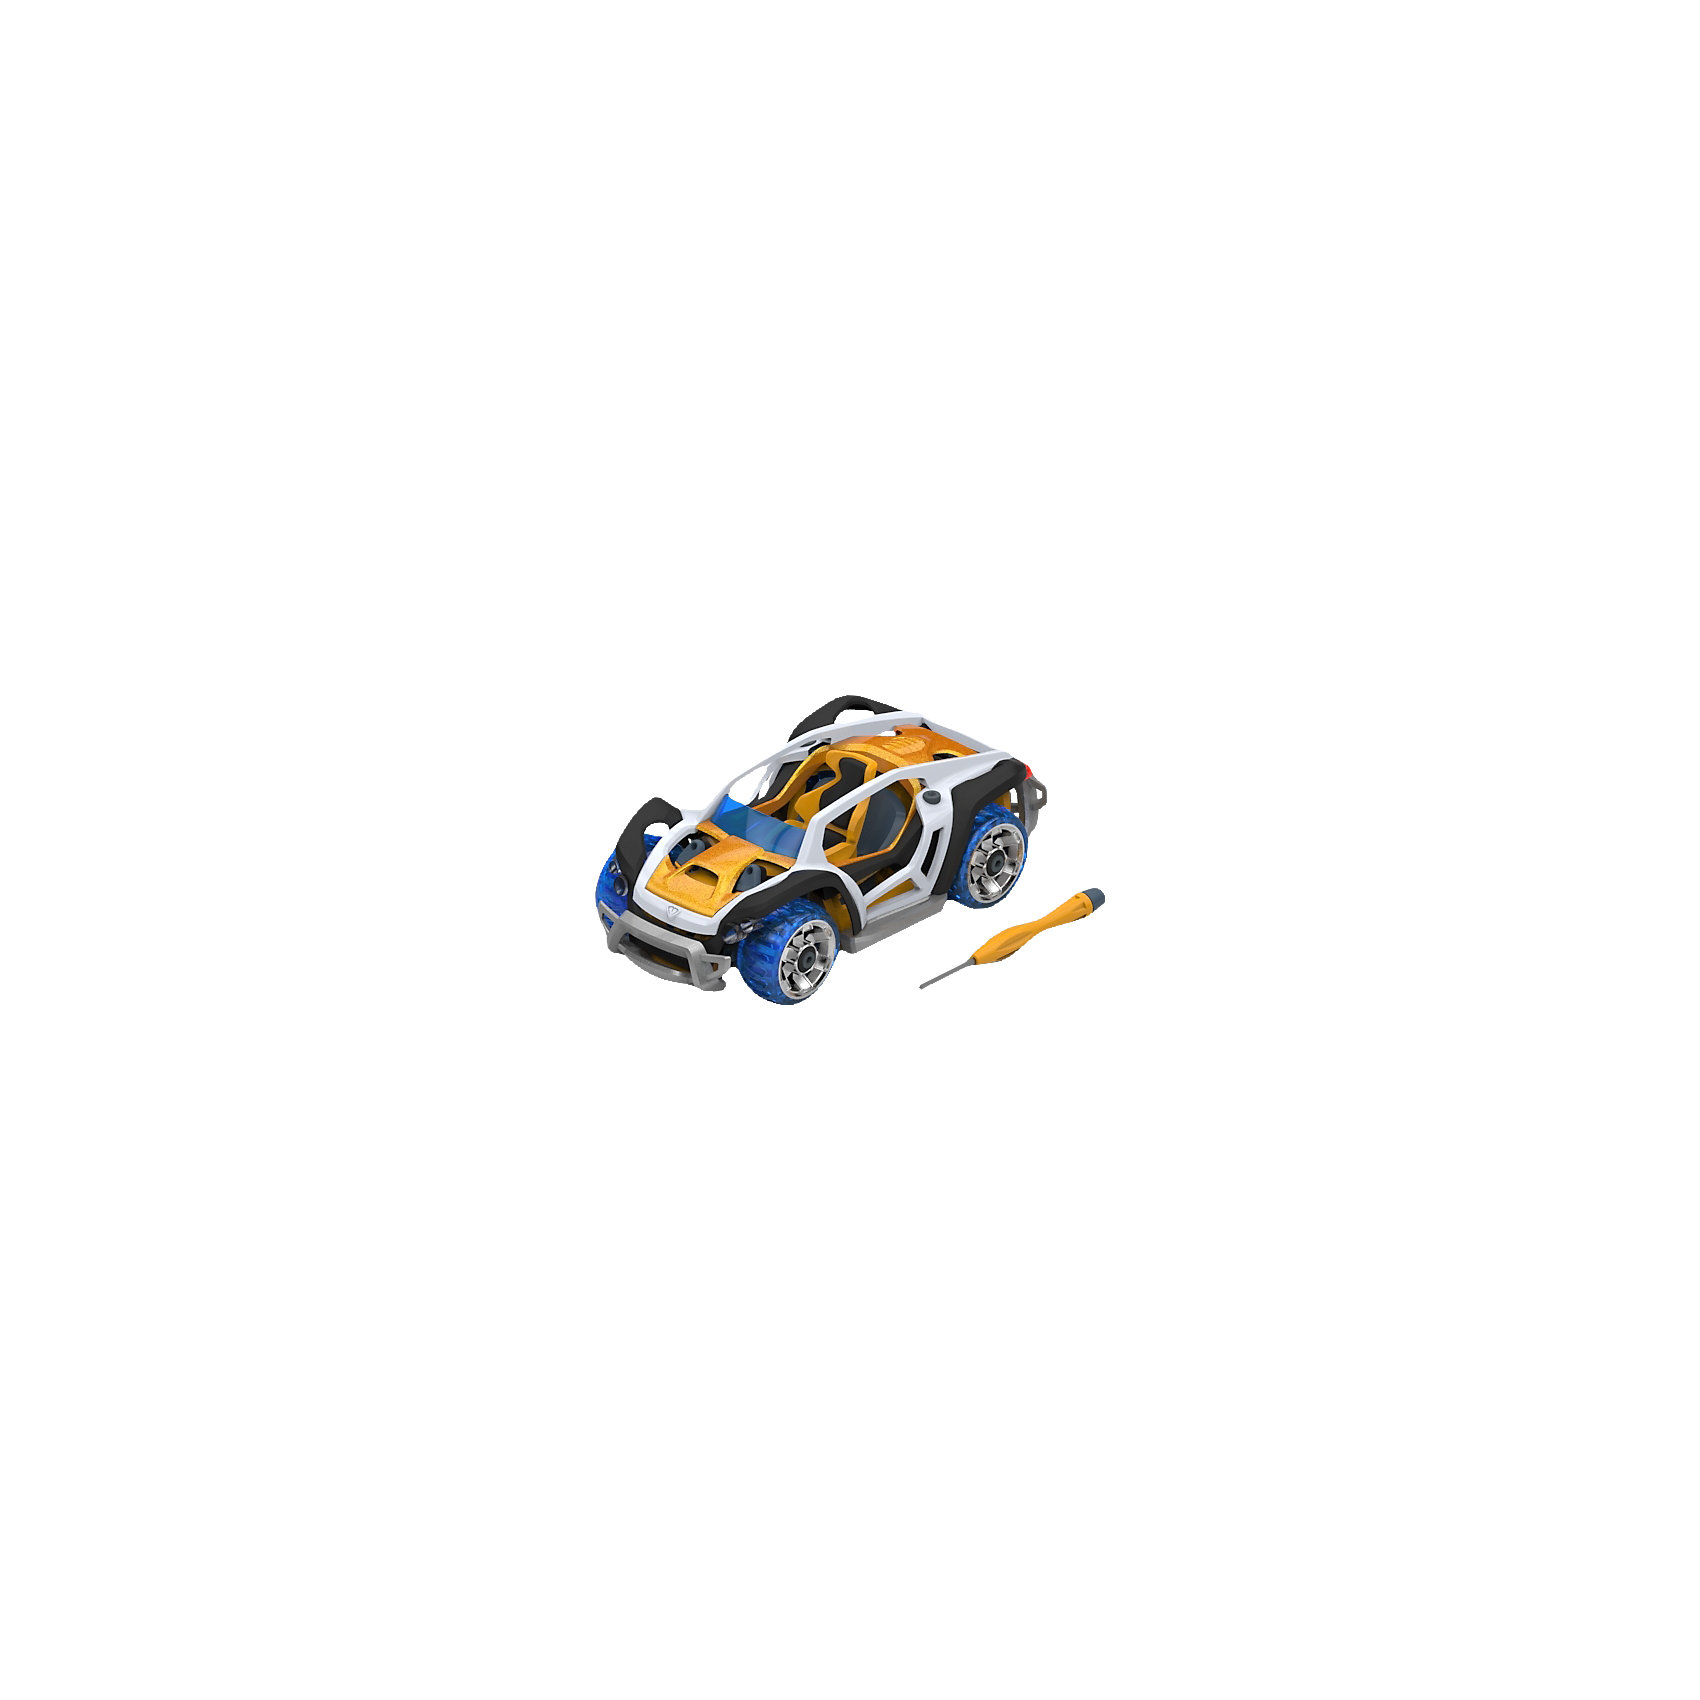 Набор для сборки машинки X1 Dirt Car Single, ModarriСборные модели транспорта<br>Набор для сборки машинки X1 Dirt Car Single, Modarri<br><br>Характеристики: <br><br>• Возраст: от 7 лет<br>• Материал: металл, пластмасса<br>• Комплектация набора: детали для сборки машины, отвертка, инструкция<br><br>Этот современный набор подойдет для использования детьми от семи лет. В комплект входят запчасти для создания гоночных машинок, которые смоделированы по образцу настоящих итальянских суперкаров и внедорожника с яркой подсветкой и высокой маневренностью. Все запчасти автомобилей взаимозаменяемы между собой, а так же имеют повышенную прочность. <br><br>Каждая модель имеет высокую детализацию и, без сомнения, впечатлит юного конструктора. В наборе содержатся не только детали от машинок, но и отвертка с инструкцией, чтобы ваш ребенок мог как можно скорее получить впечатляющий и радующий его результат.<br><br>Набор для сборки машинки X1 Dirt Car Single, Modarri можно купить в нашем интернет-магазине.<br><br>Ширина мм: 215<br>Глубина мм: 200<br>Высота мм: 83<br>Вес г: 260<br>Возраст от месяцев: 96<br>Возраст до месяцев: 2147483647<br>Пол: Унисекс<br>Возраст: Детский<br>SKU: 5430836